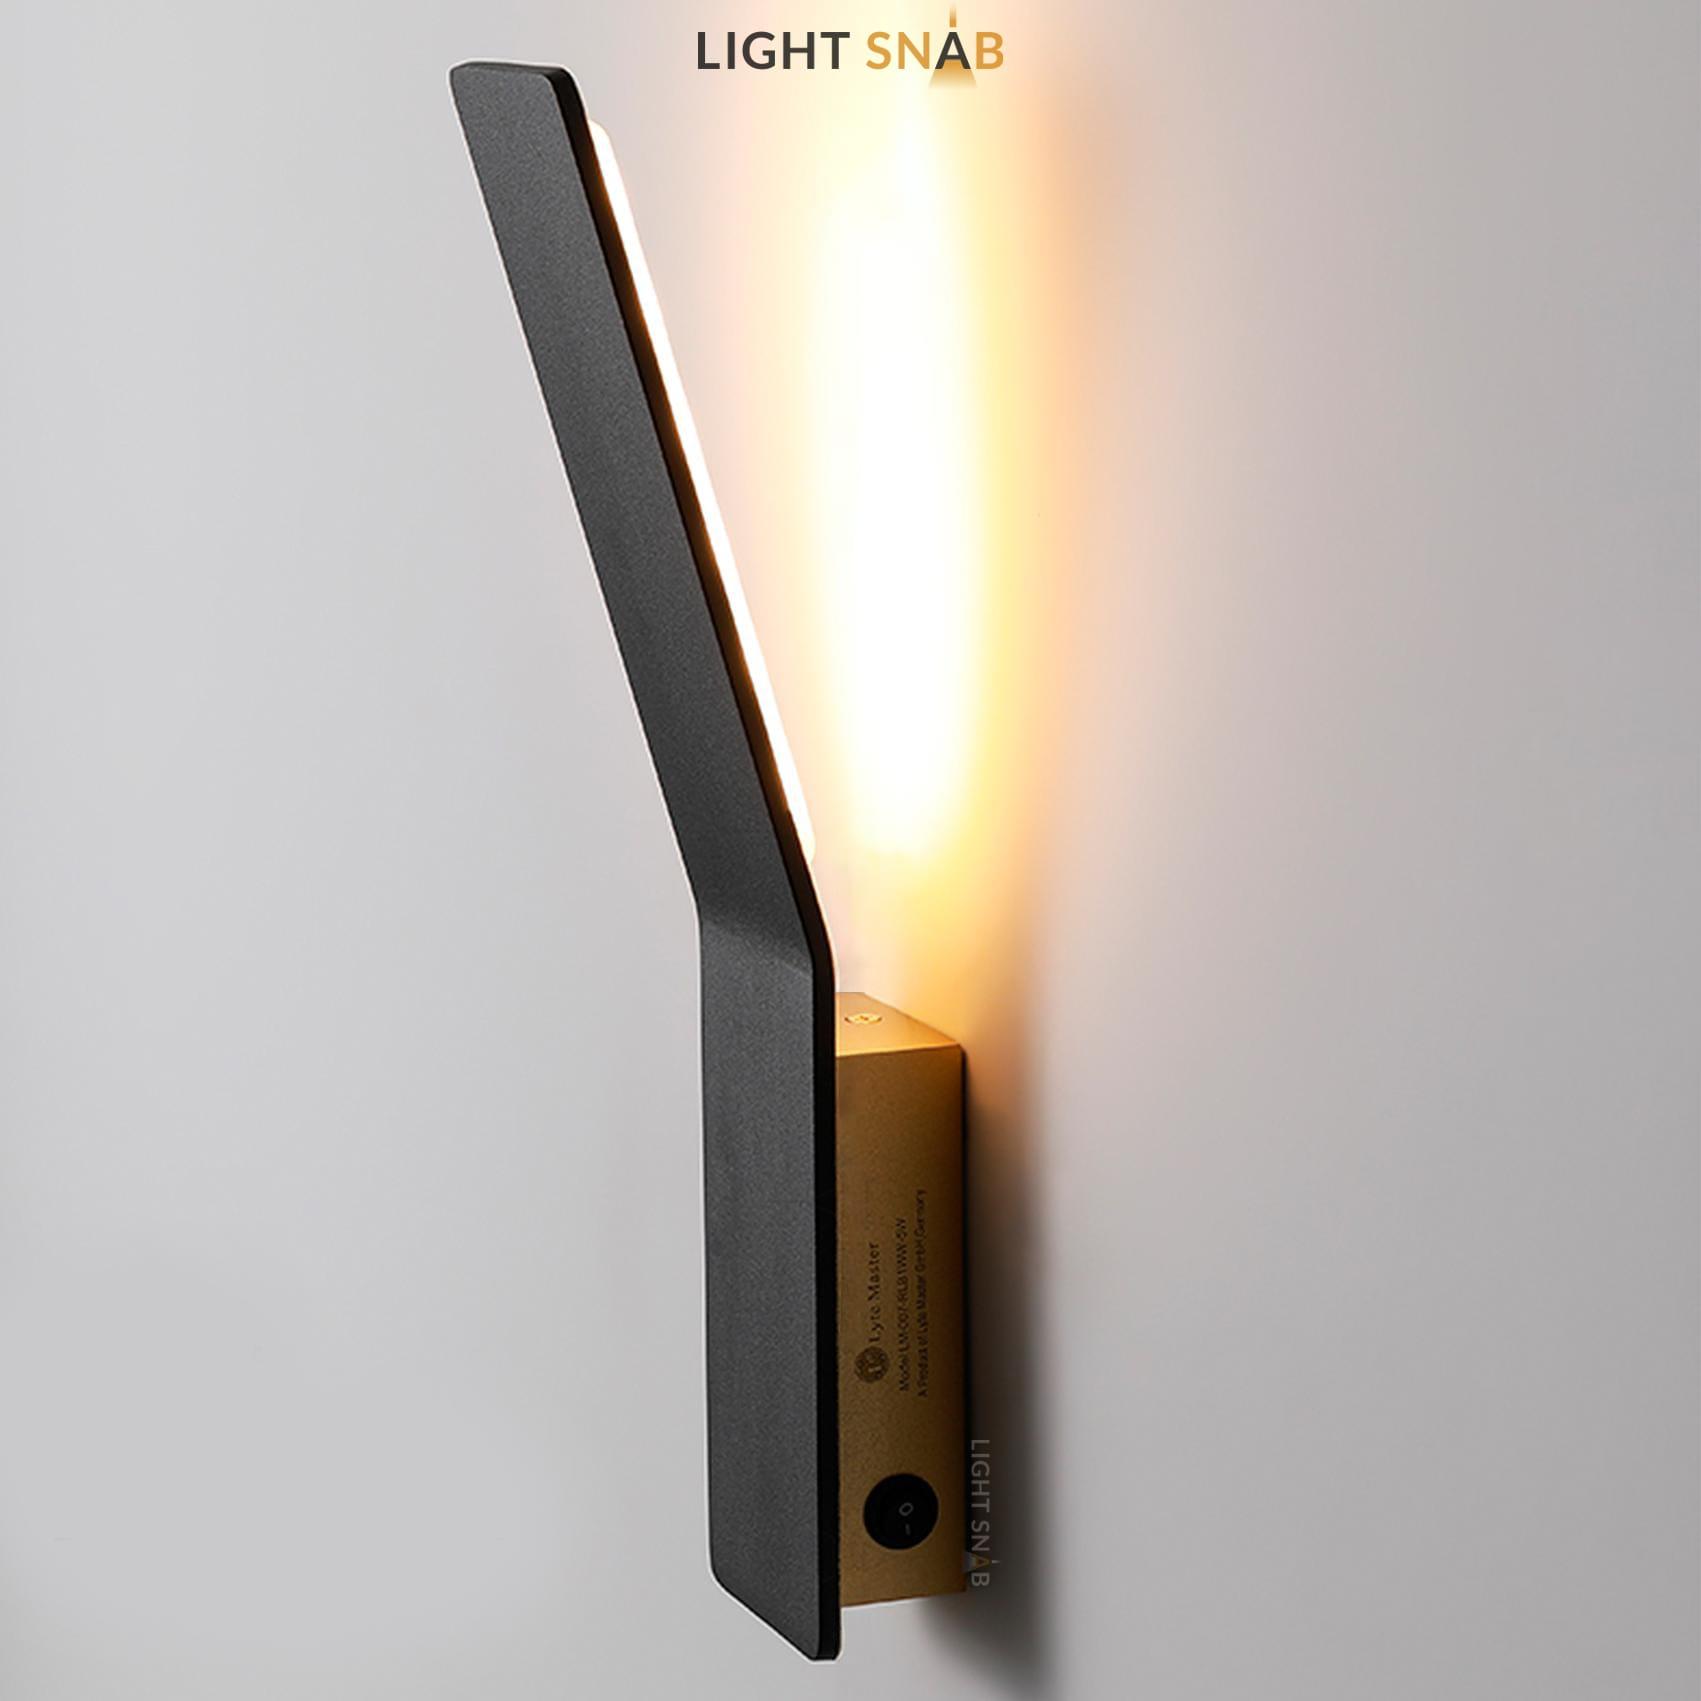 Настенный светодиодный светильник Song теплый свет